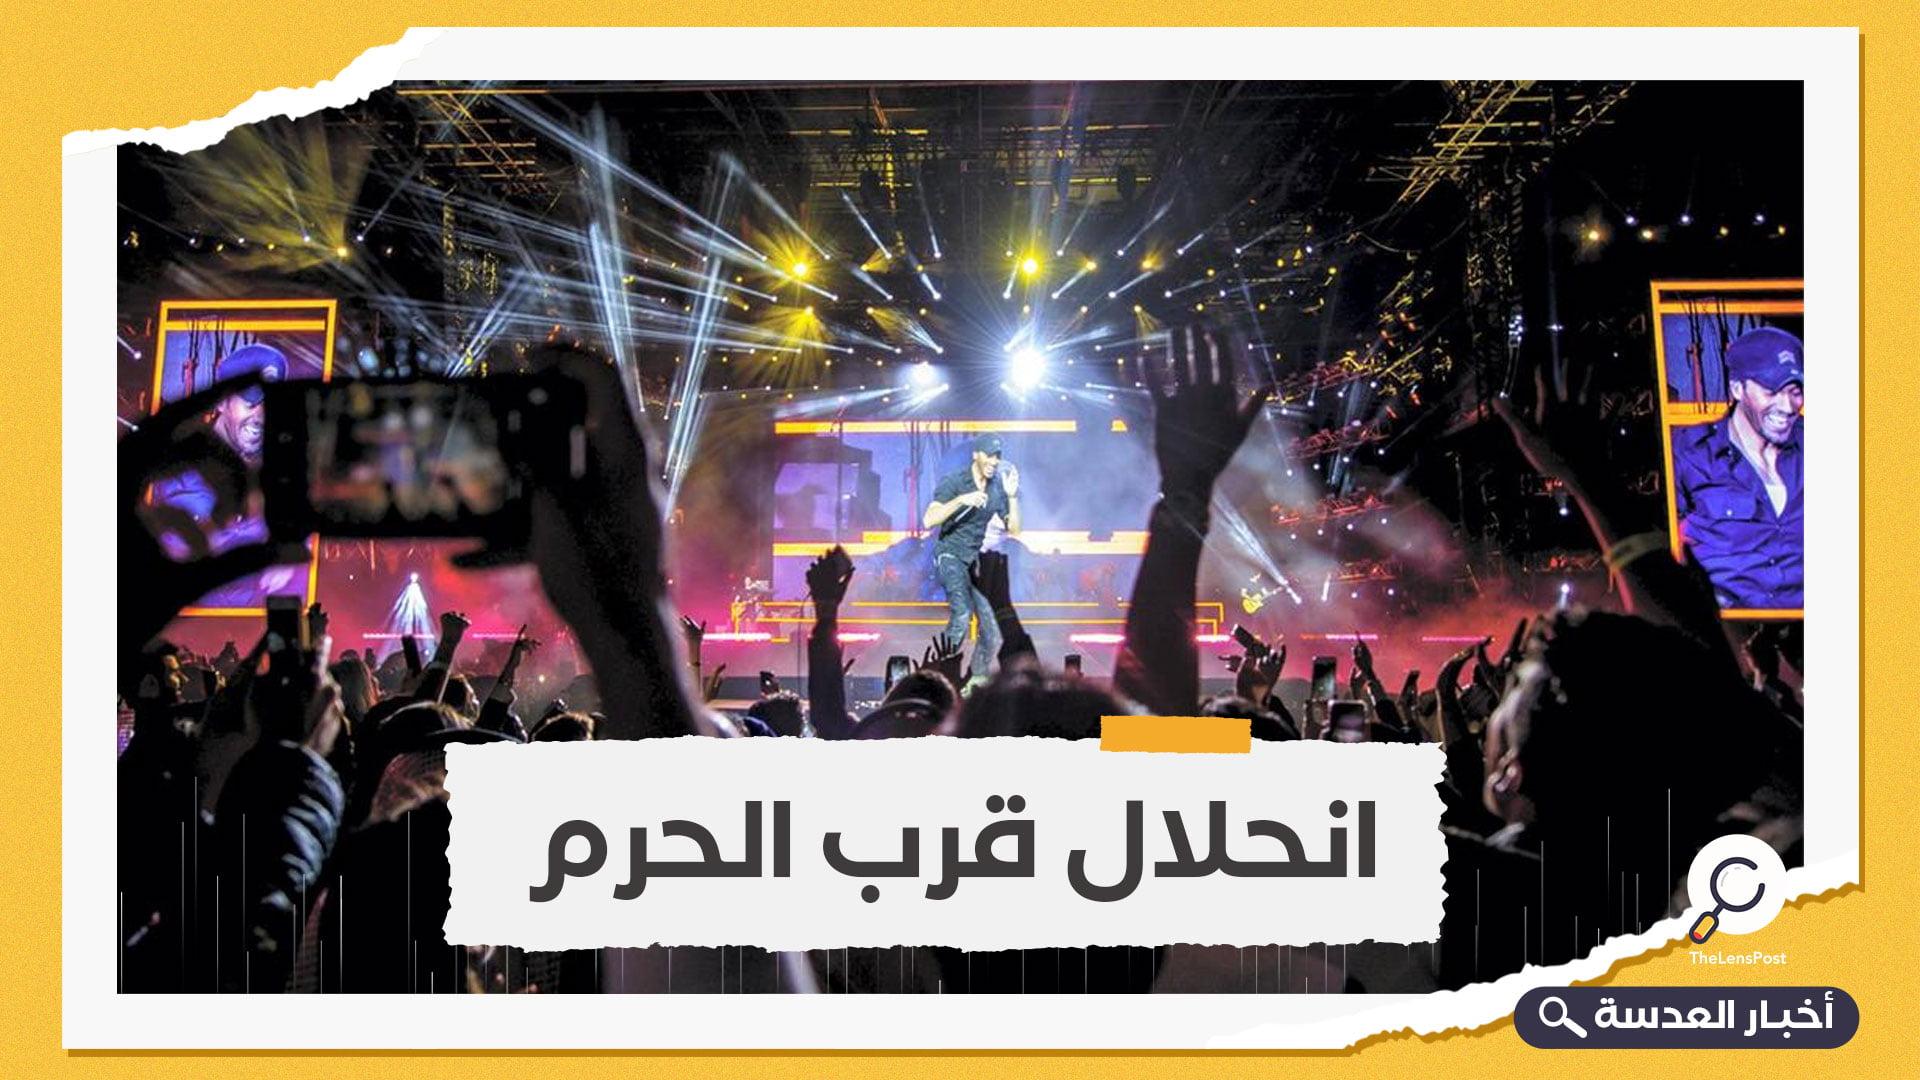 فيديو.. رقص وغناء واختلاط في مطعم سعودي قرب مكة المكرمة!